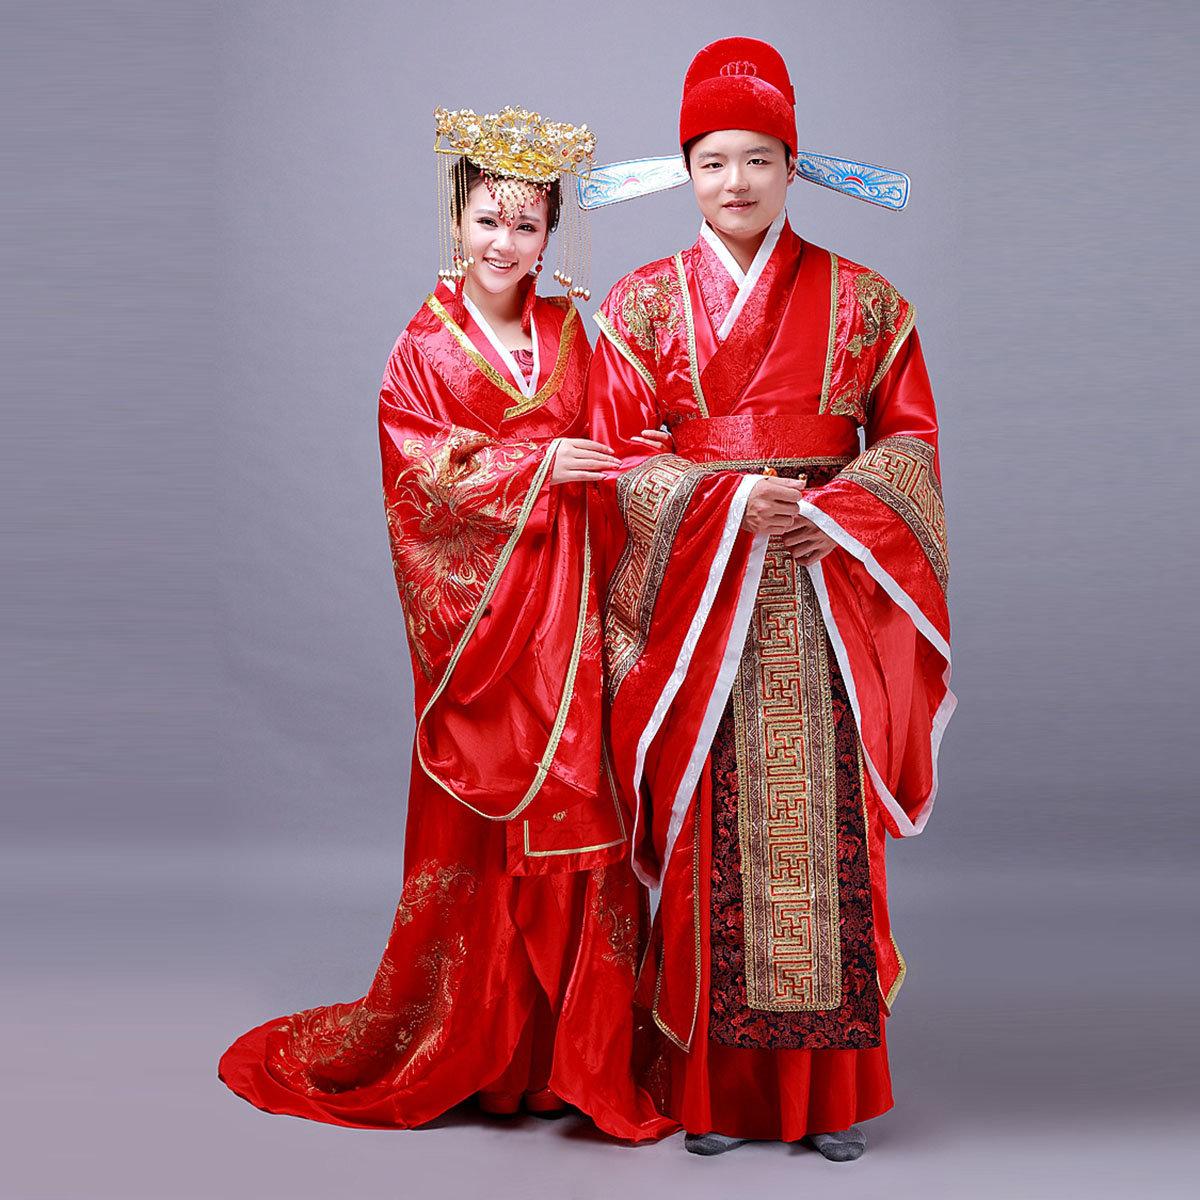 картинки китайцев в национальной одежде производитель перестает